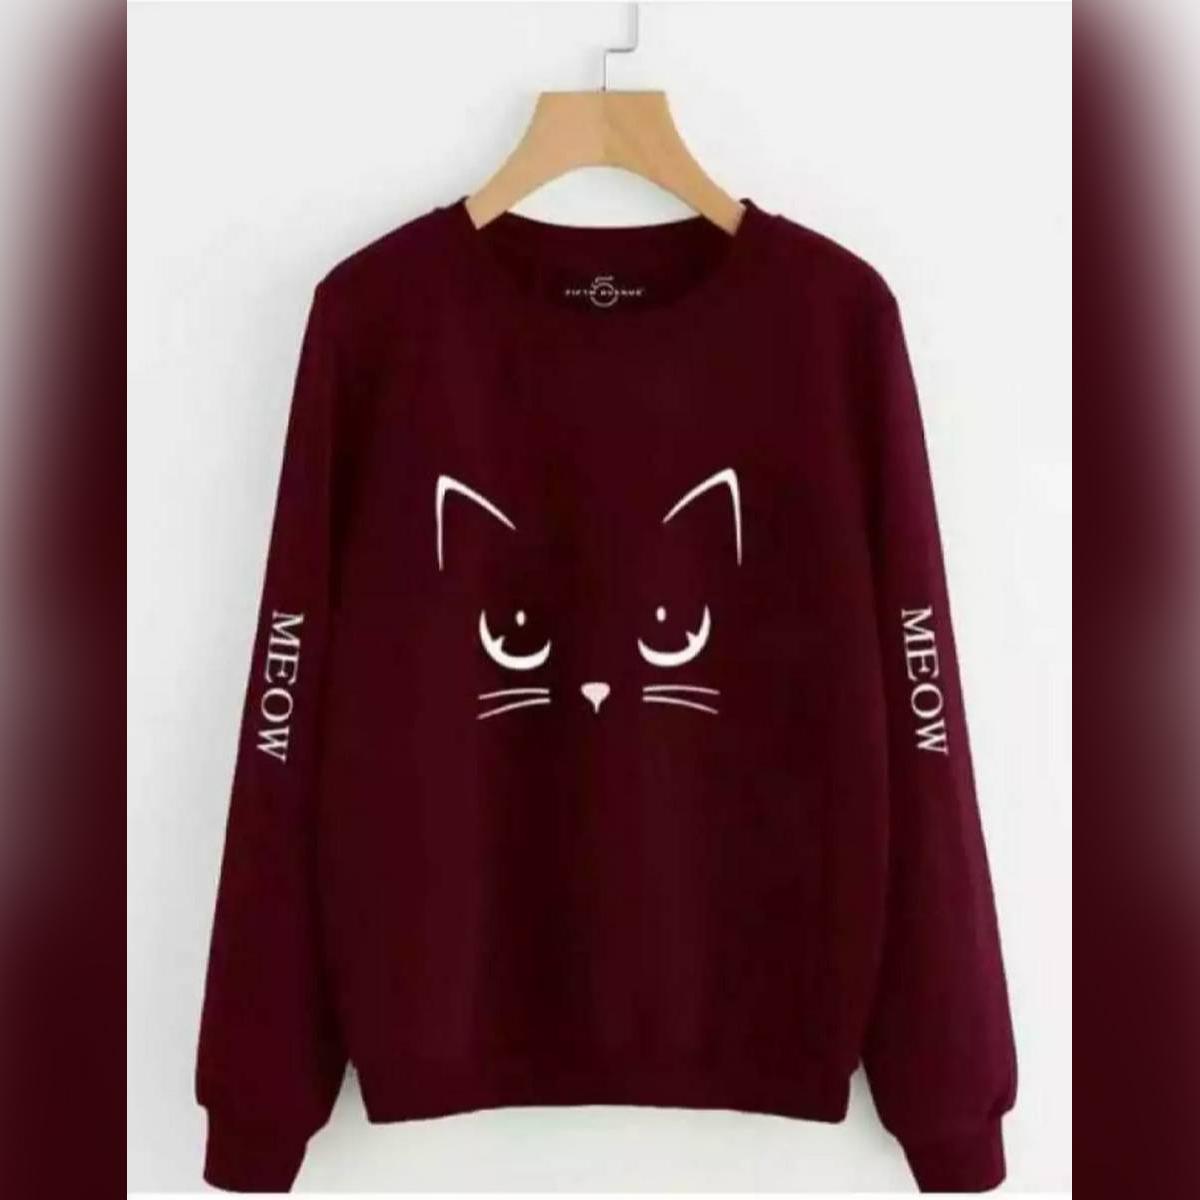 Black flower Printed Maroon Meoww Printed Sweatshirt